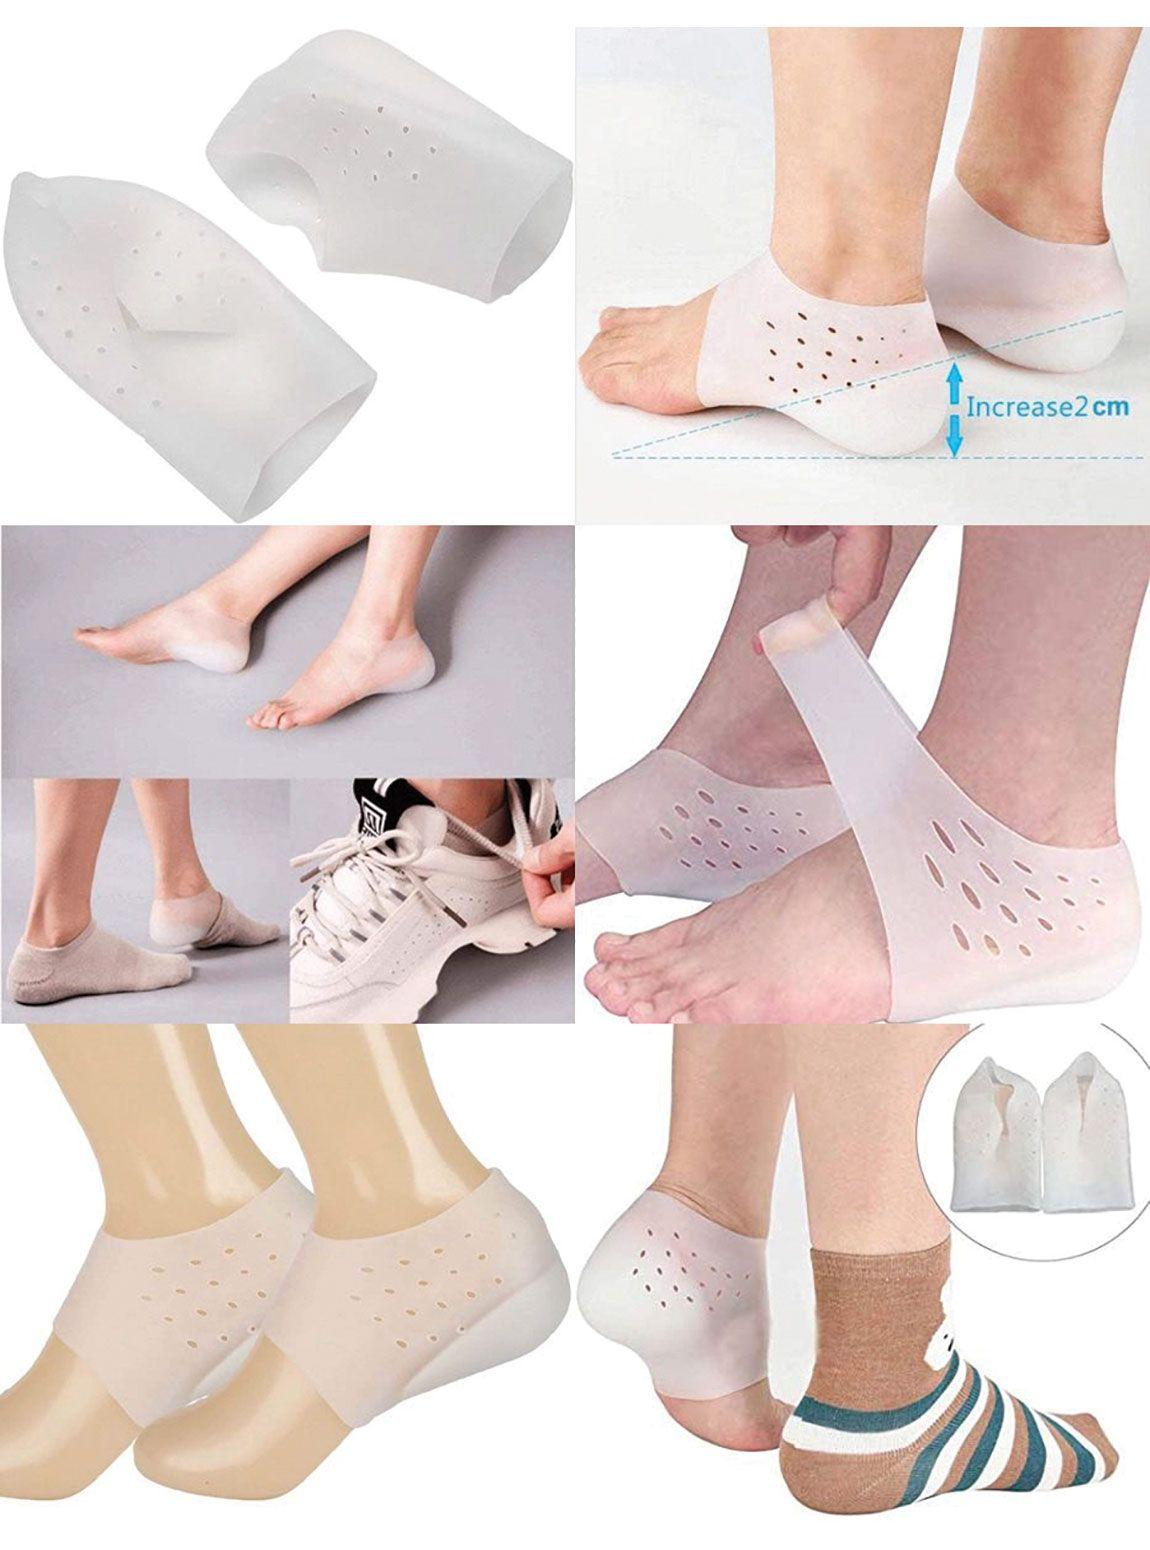 T561 Topuk Yükseltici Topuk Çorabı  4 Cm